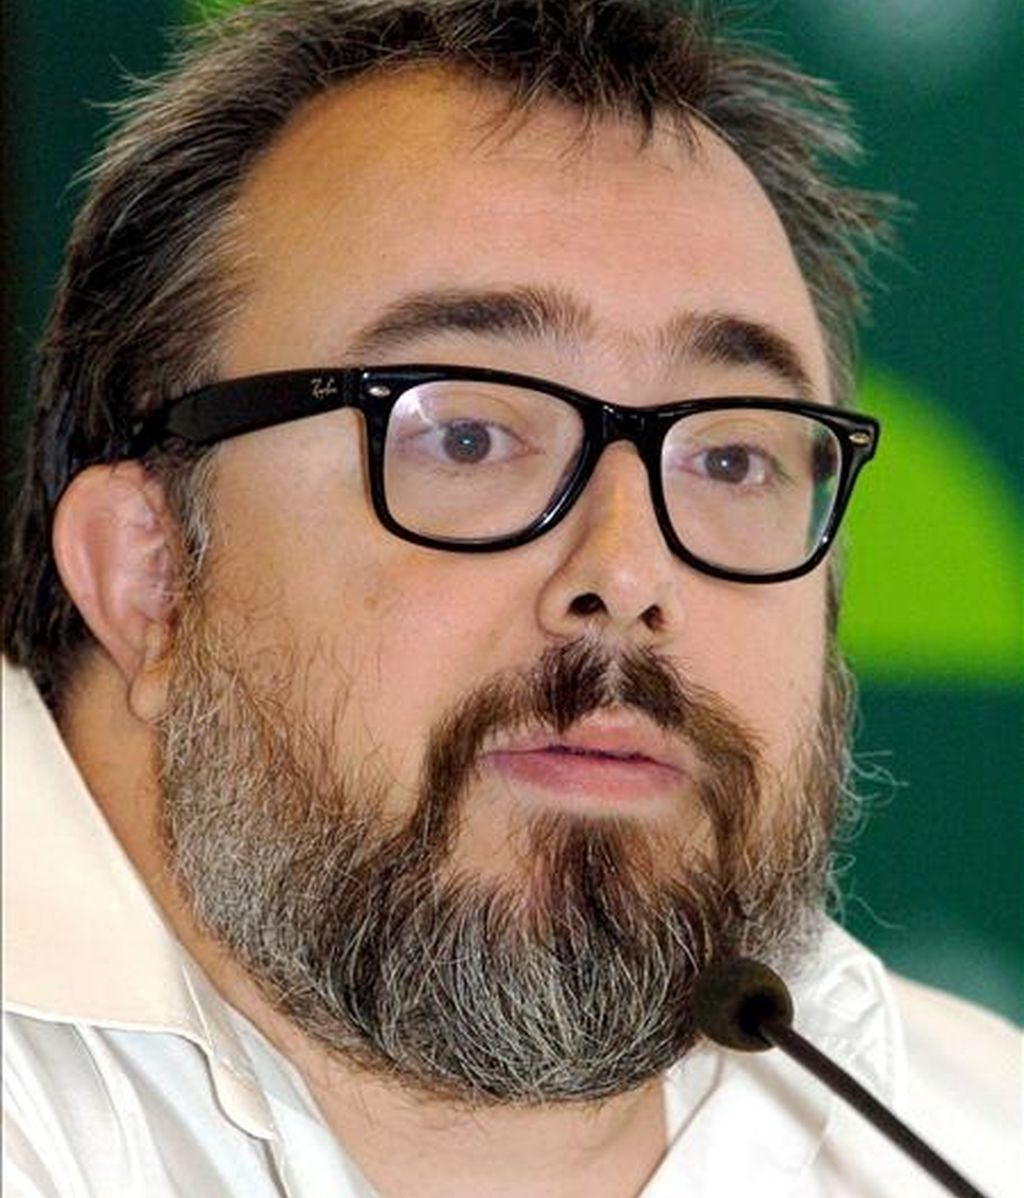 El director de cine Álex de la Iglesia, participa en este documental. EFE/Archivo